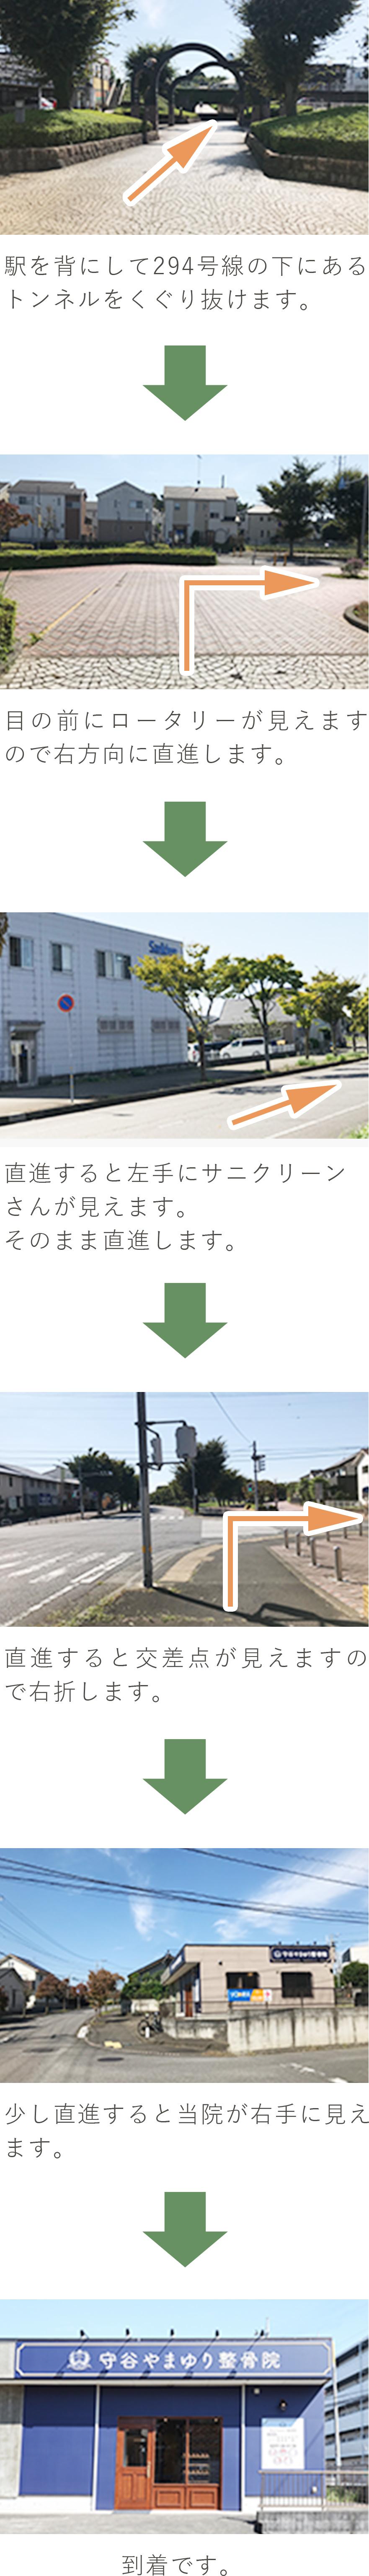 道順1の画像